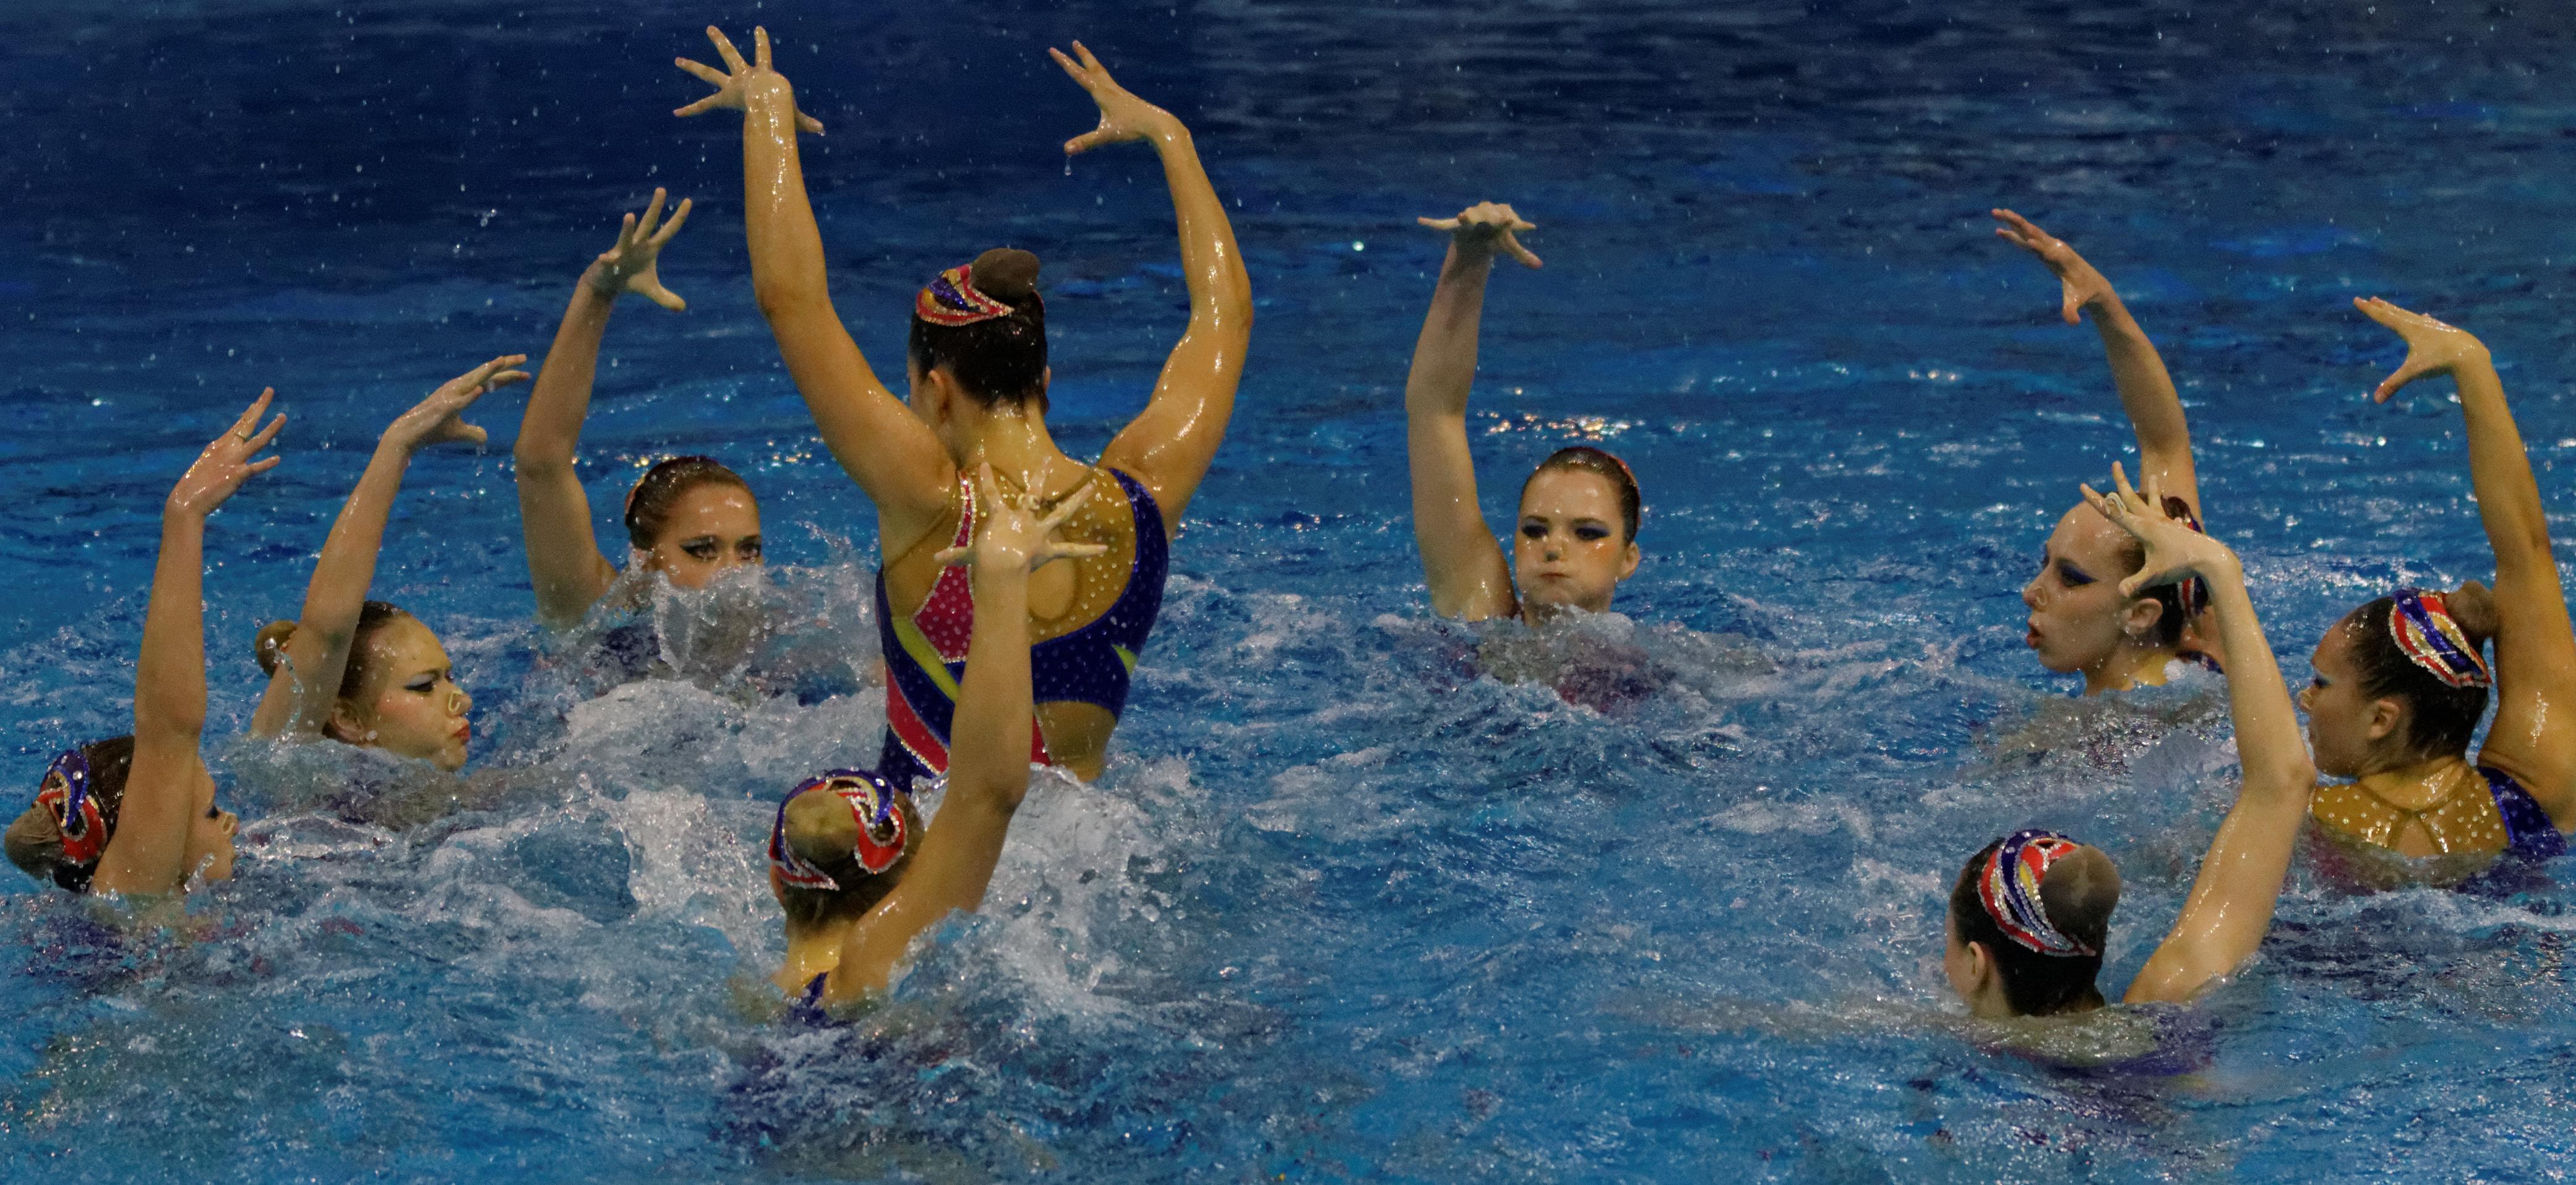 4e4a4abf2d08 Nuoto sincronizzato - Wikipedia